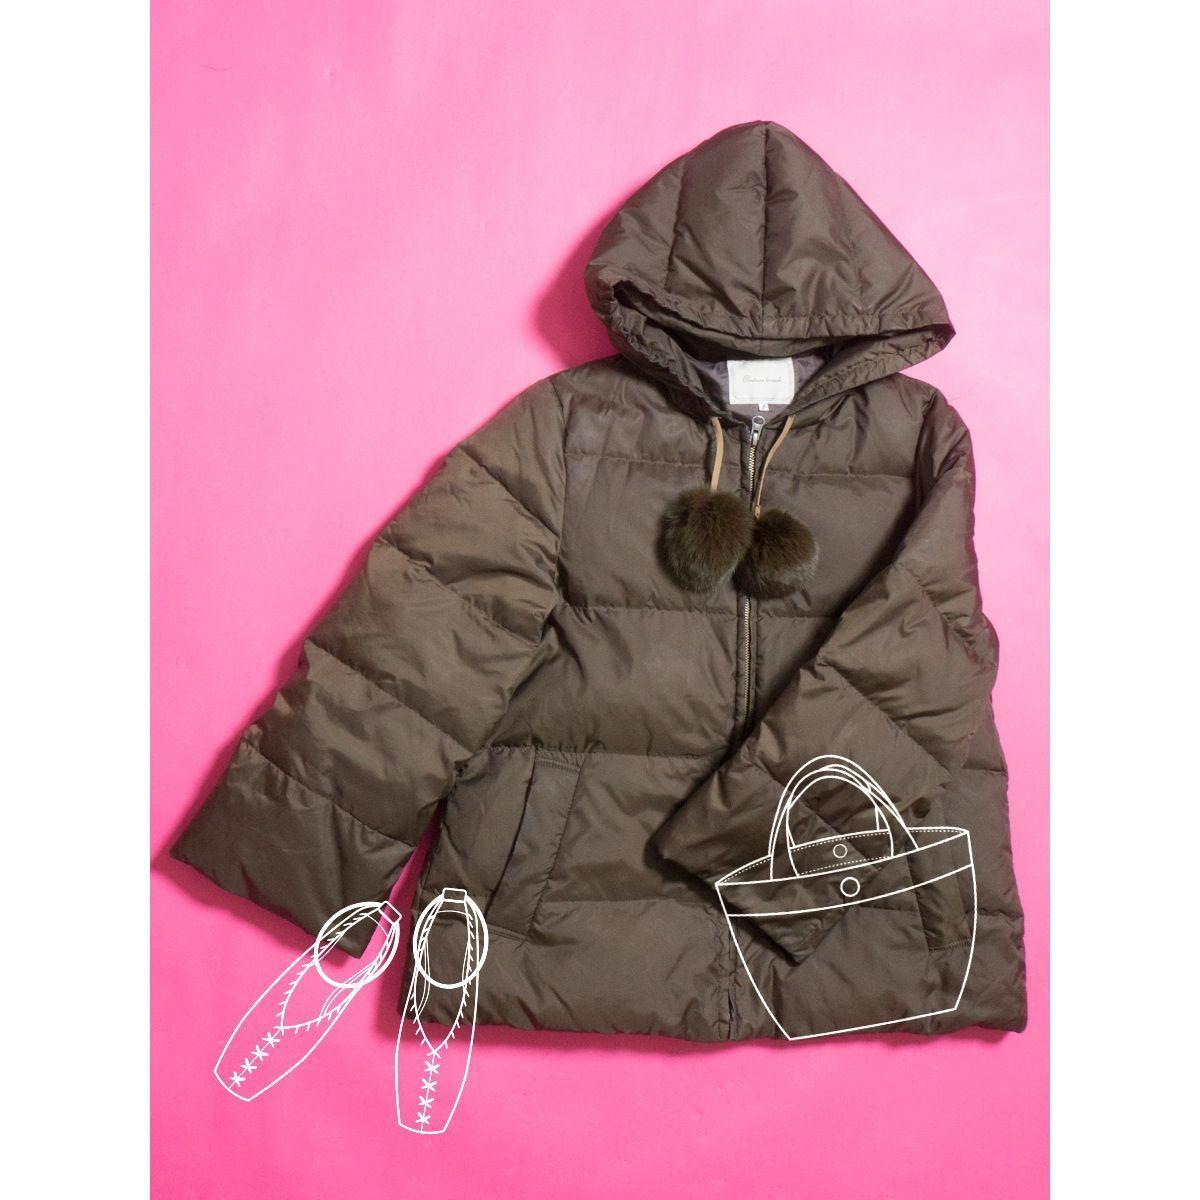 Couture brooch ダウンジャケット リアルファー ラビットファー 防寒 ジャンパー カジュアル かわいい クチュールブローチ 38 カーキ_画像1